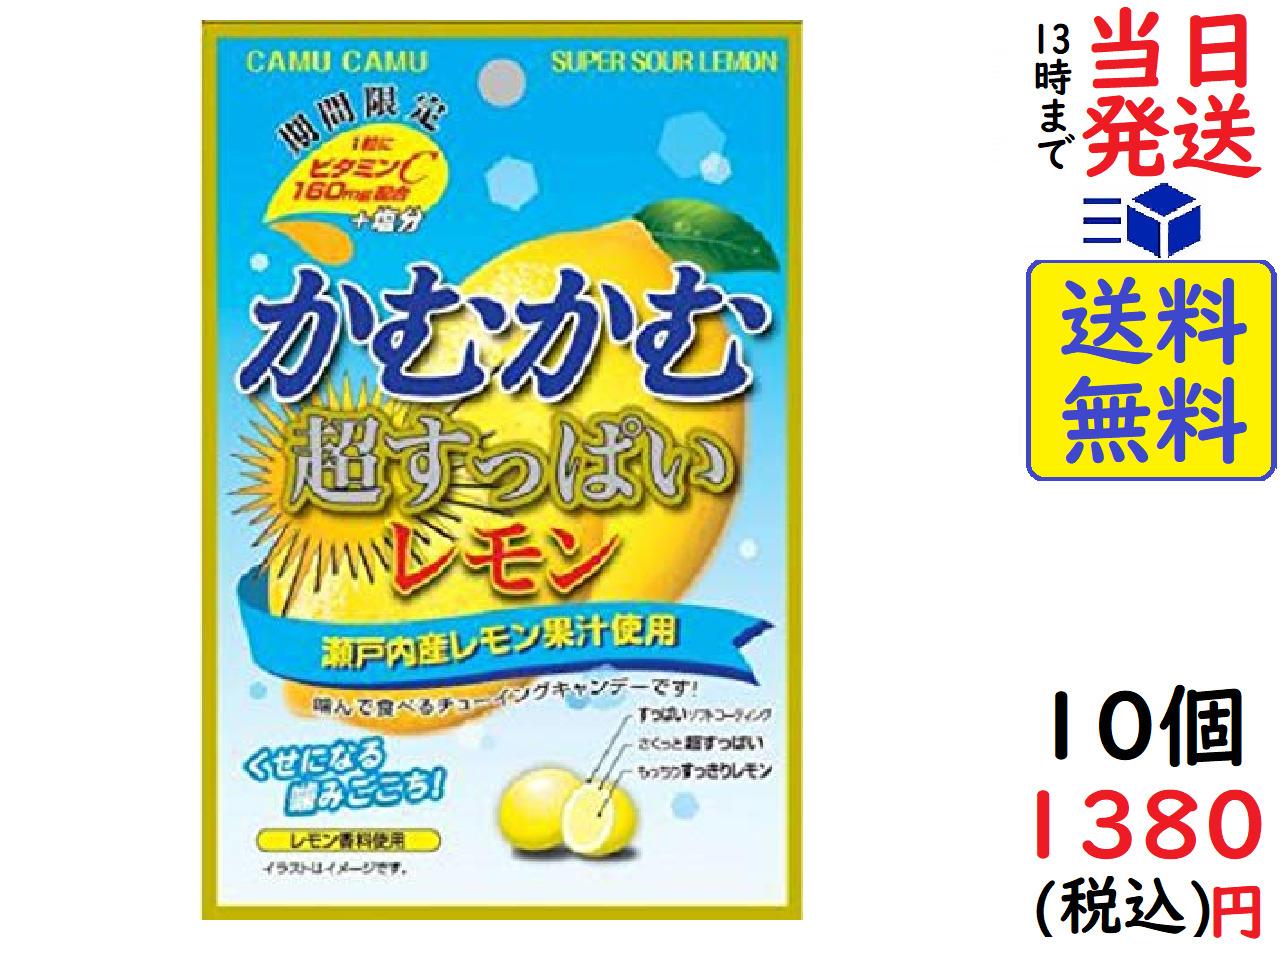 送料無料 当日発送 ポスト投函 マーケティング 三菱食品 人気ブランド多数対象 かむかむ 30g 超すっぱいレモン 04 ×10個賞味期限2022 袋